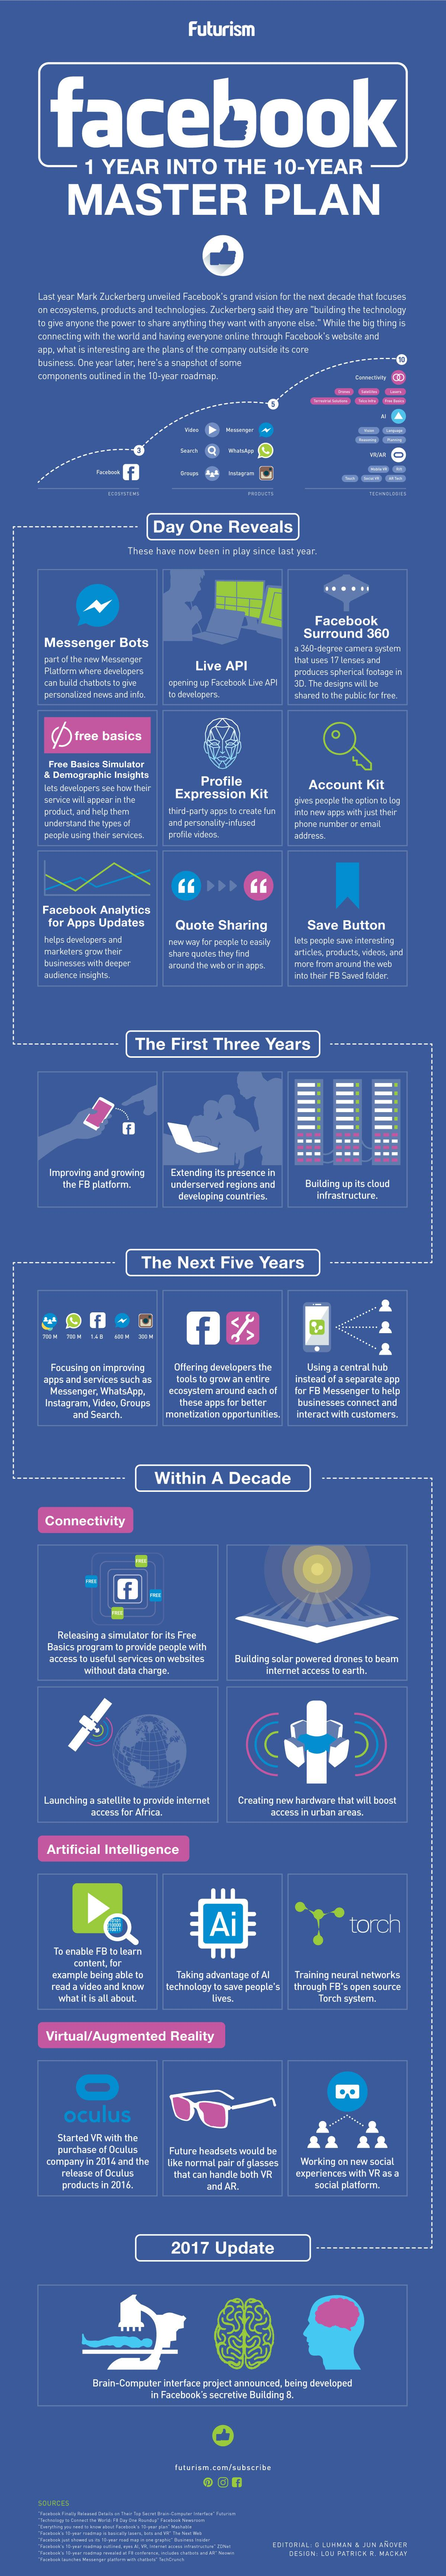 načrti Facebooka v 10 letih - infografika